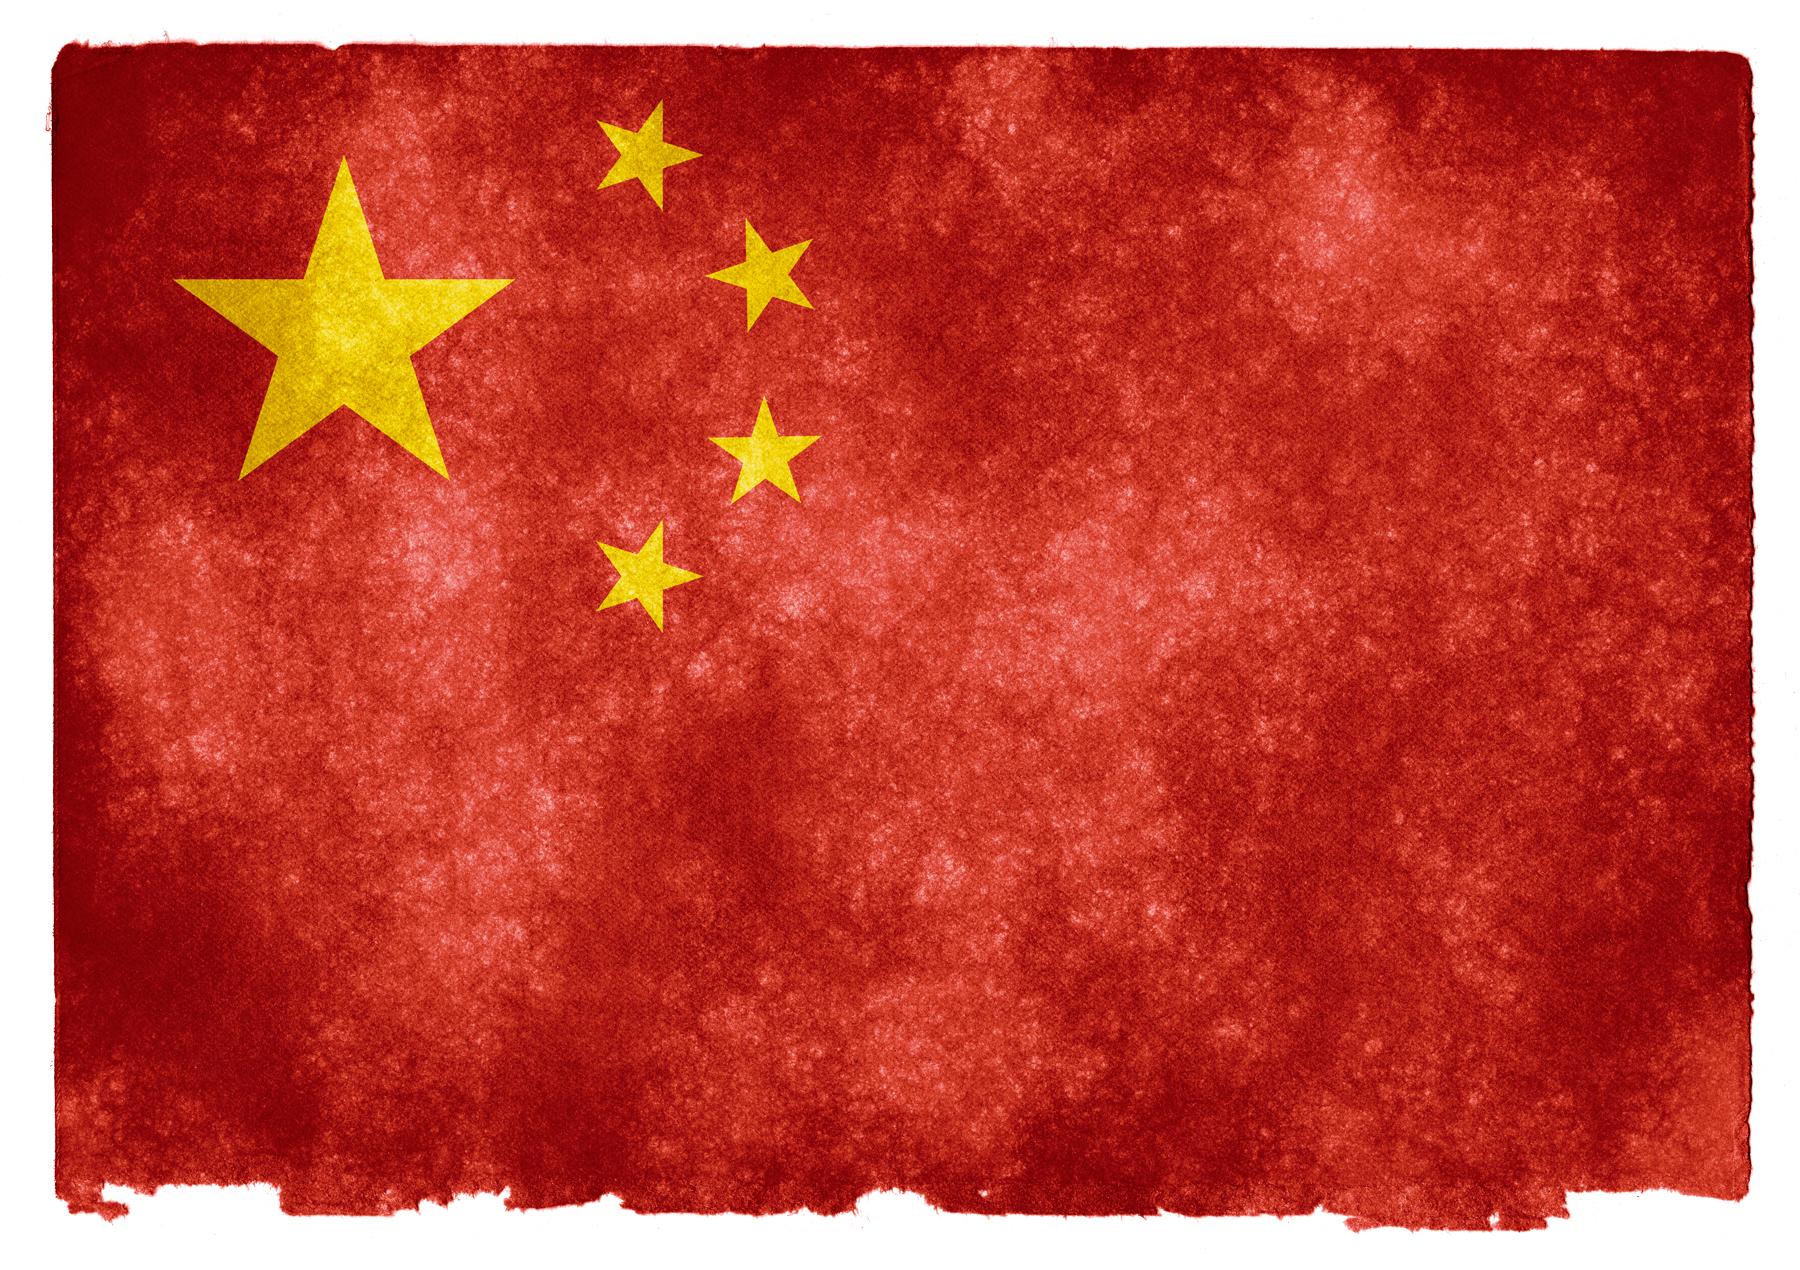 Bandeira chinesa estilizada, com as cinco estrelas em amarelo e o fundo em vermelho texturizado